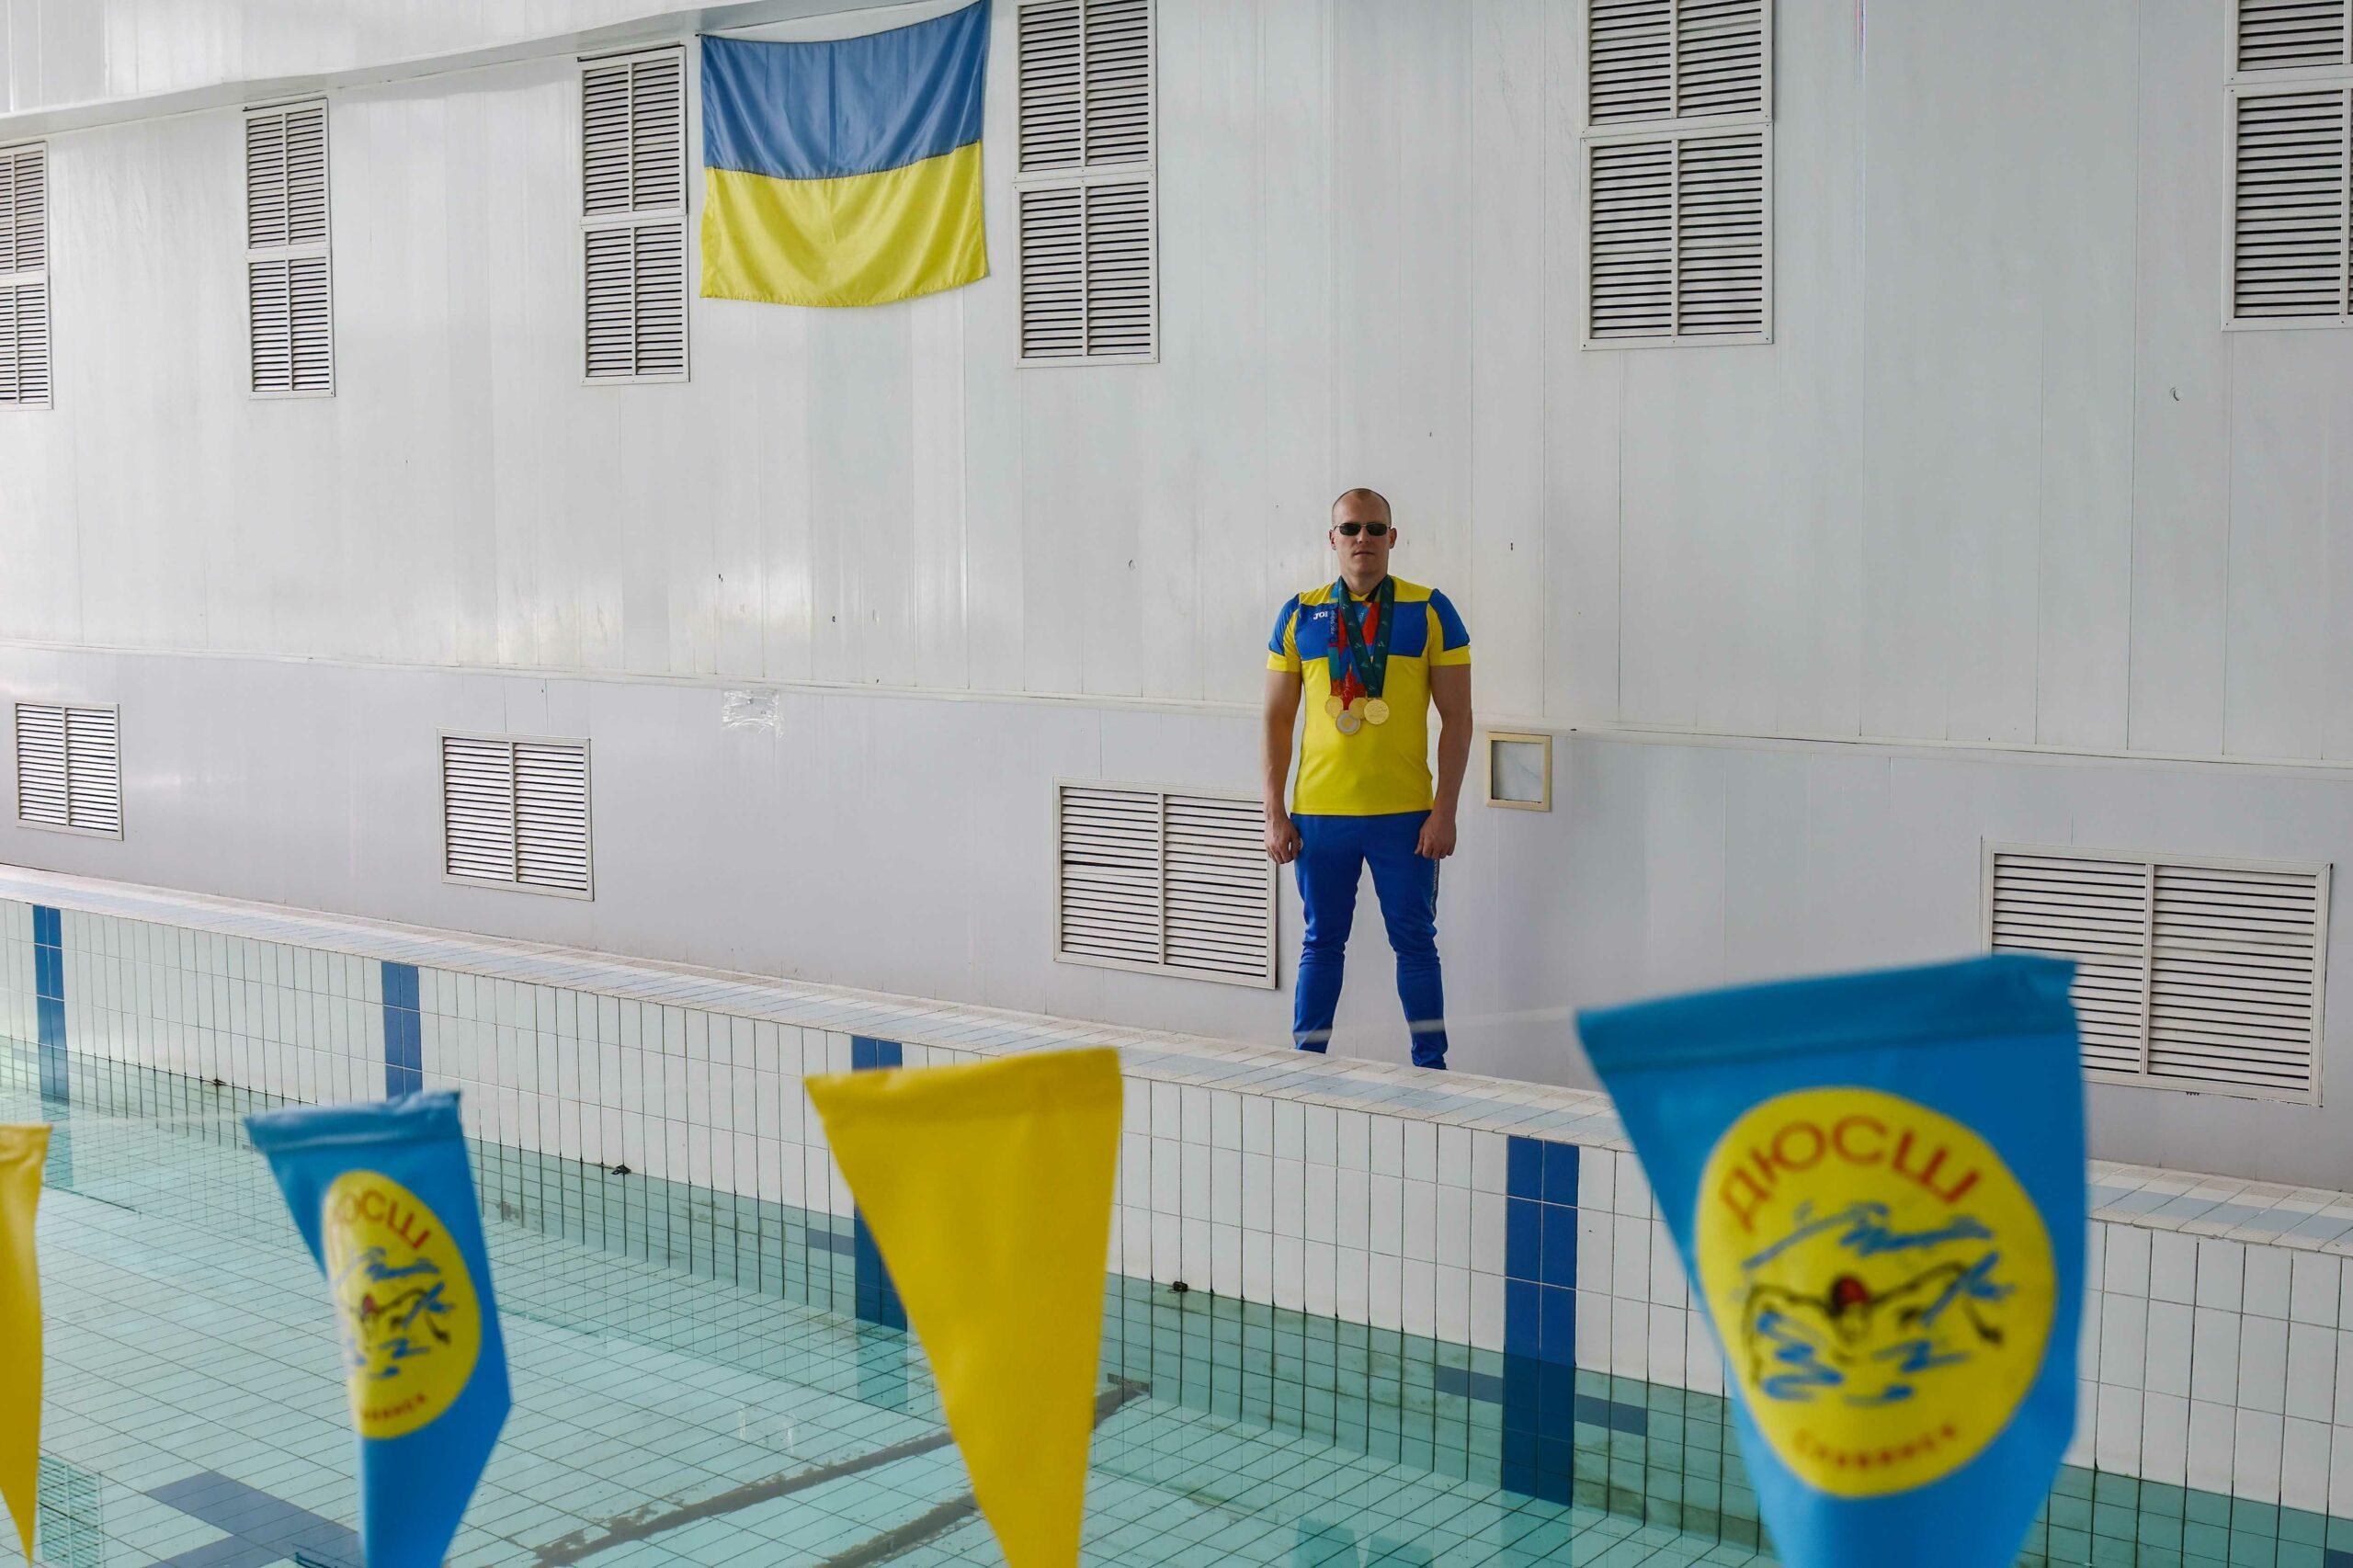 gettyimages 1234891092 scaled - <b>Необмежені можливості.</b> Як українським паралімпійцям удається перемагати в спорті та житті - Заборона